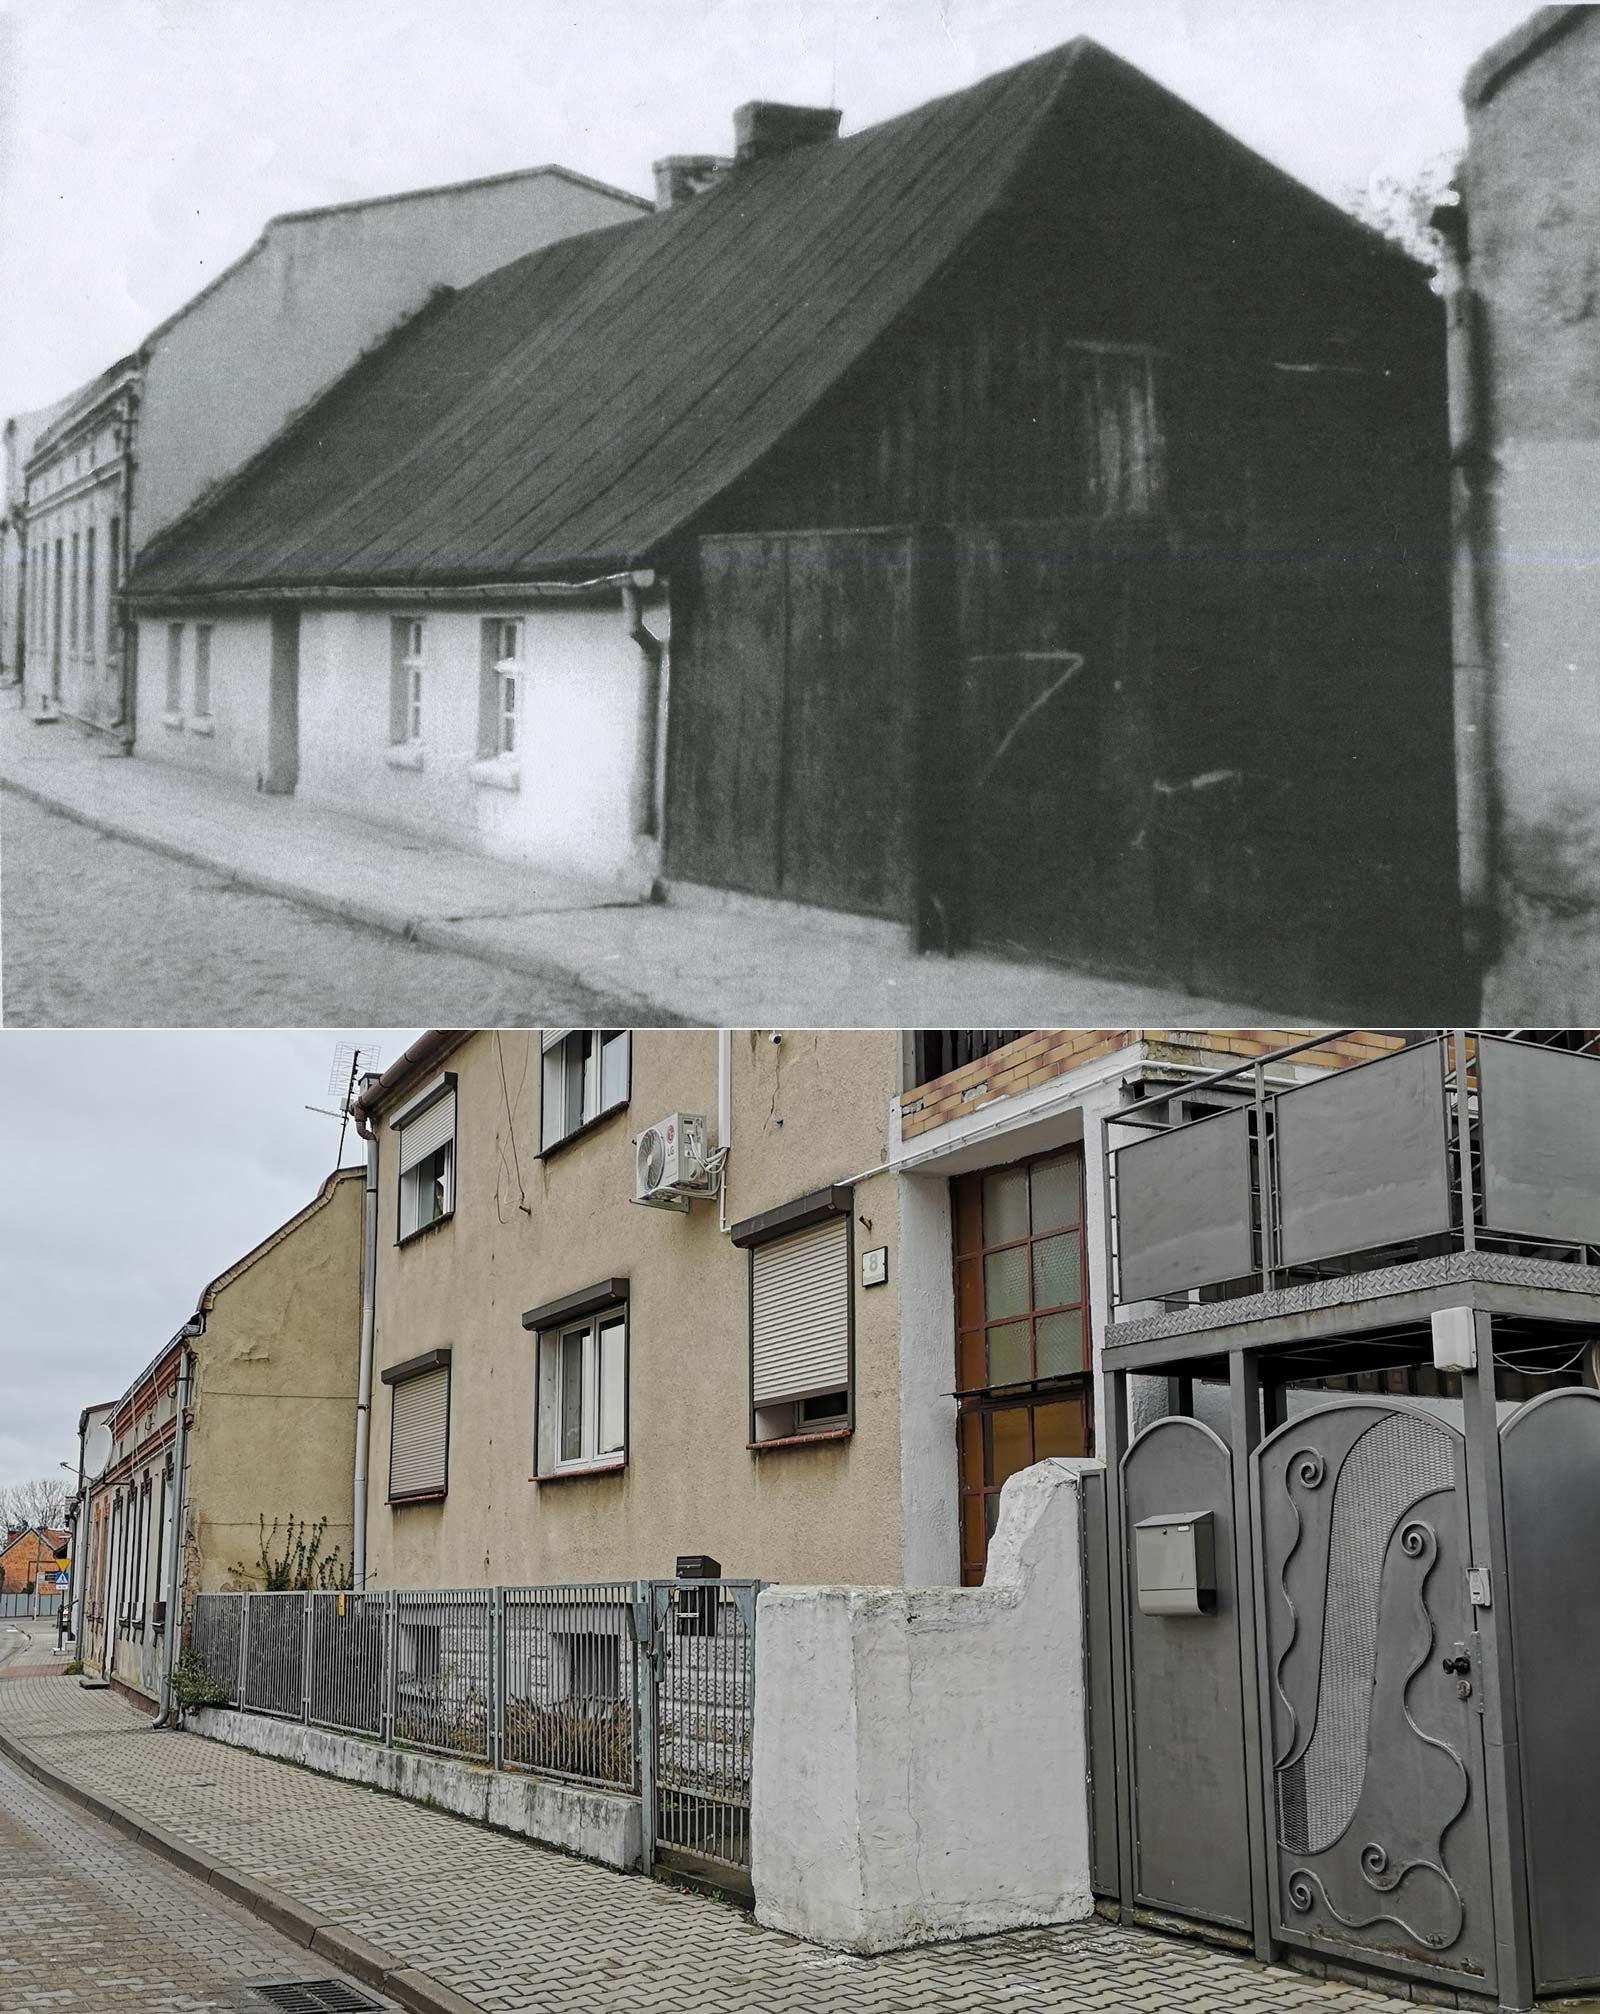 ulica Poprzeczna Kórnik - około 1960 roku